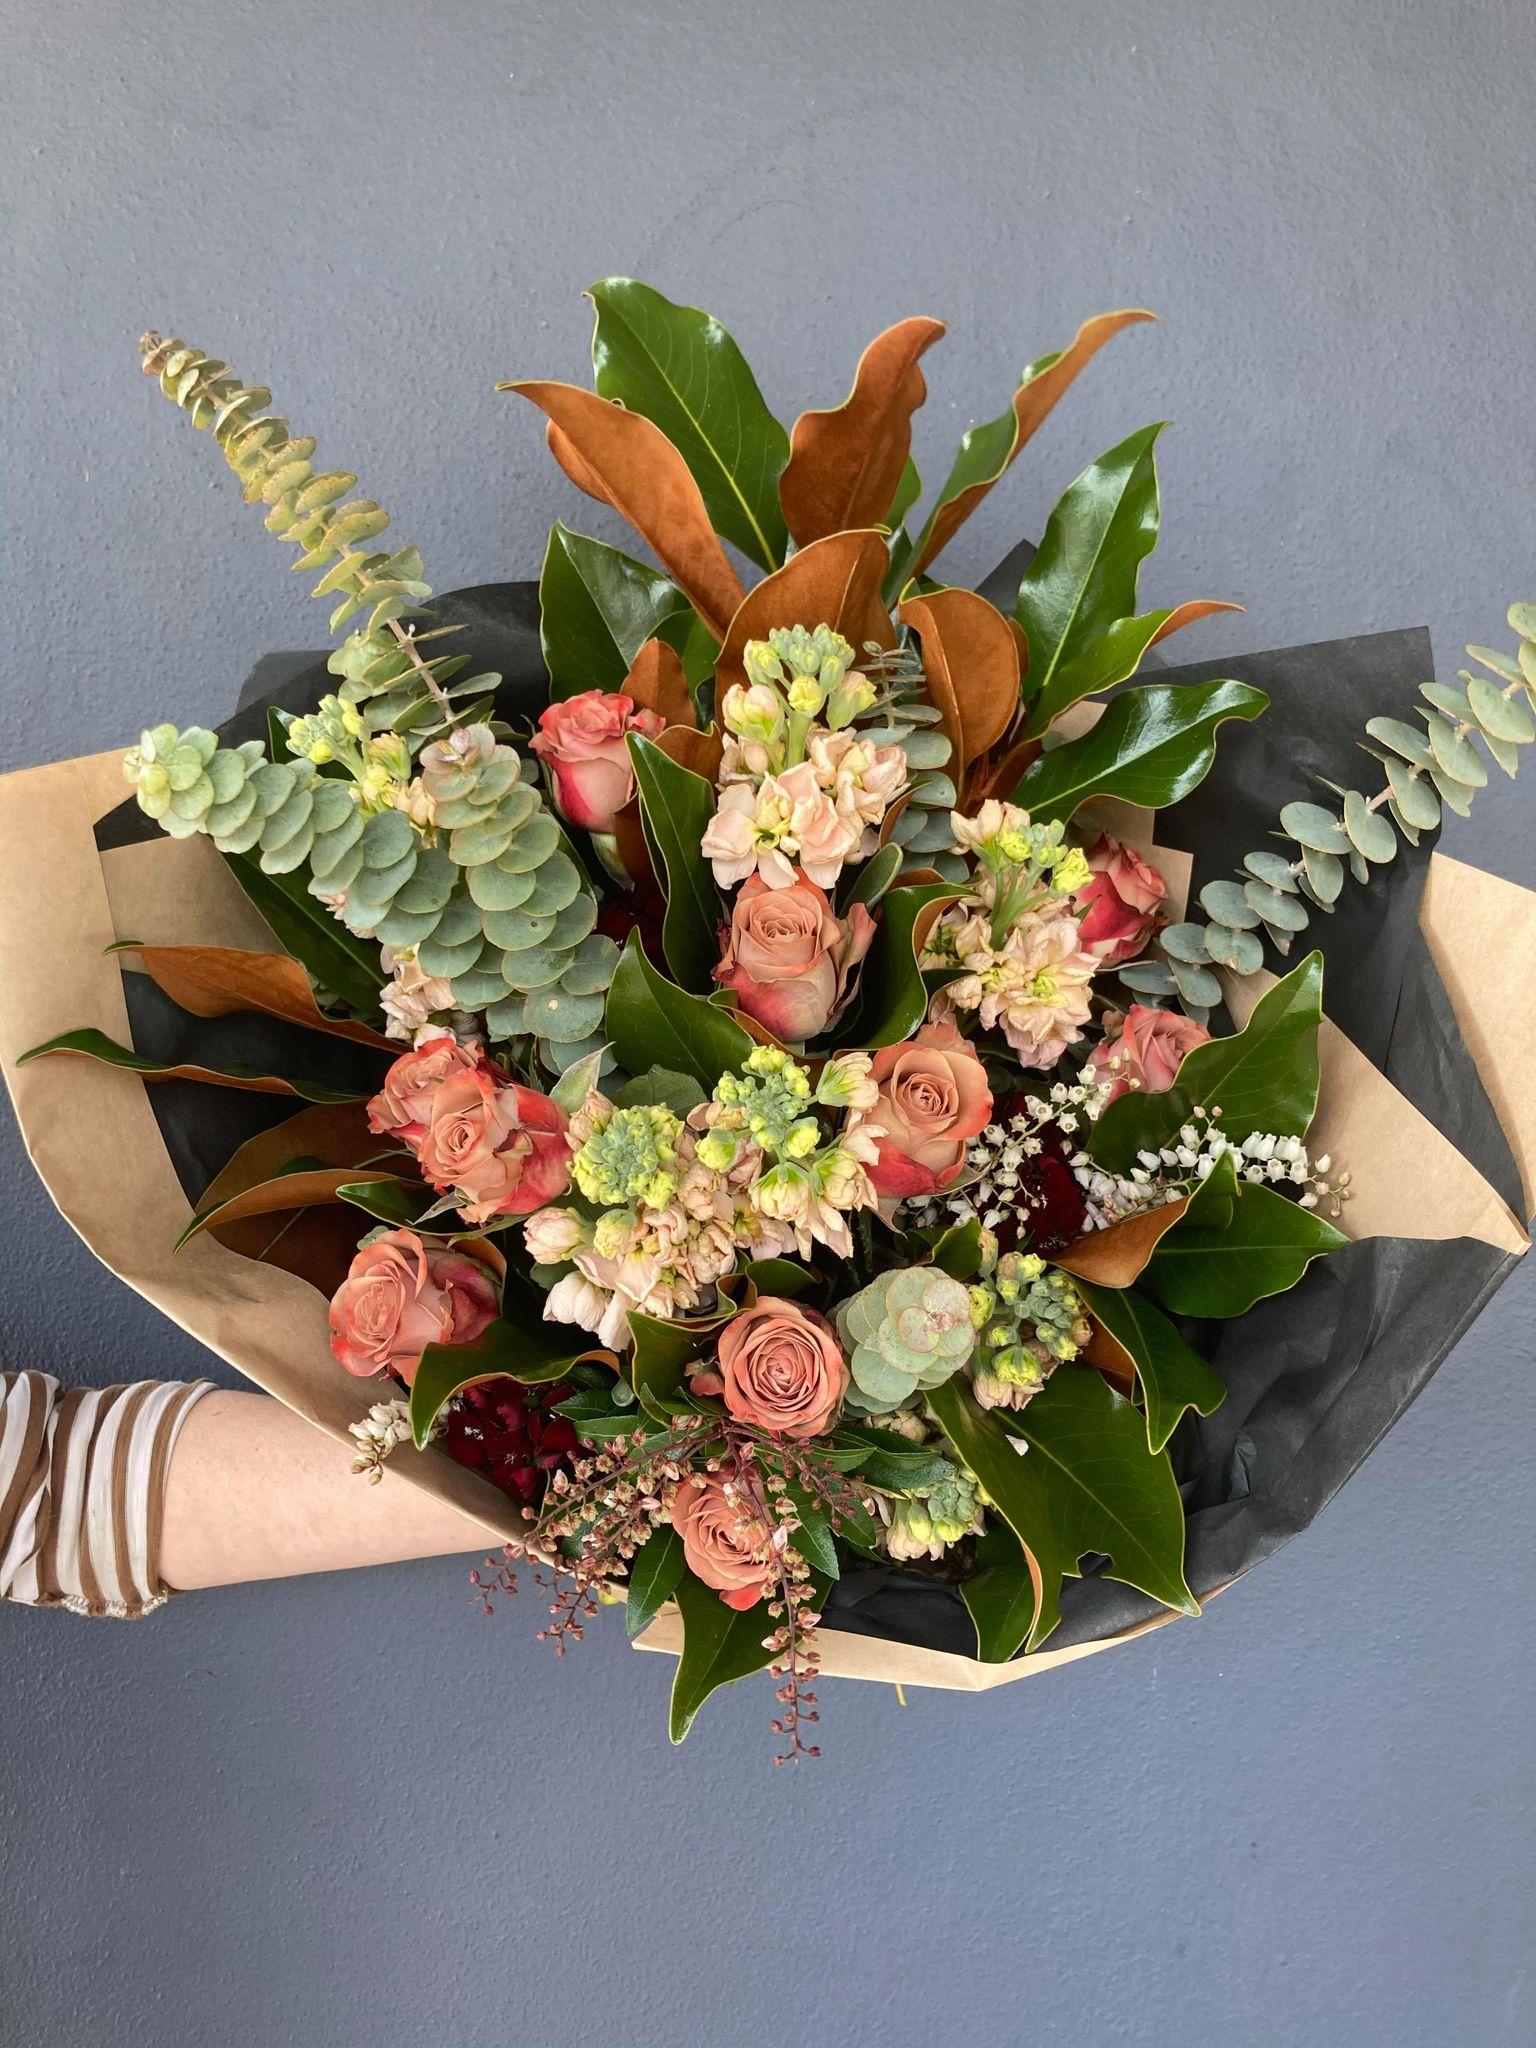 Large Rose Bouquet - $95